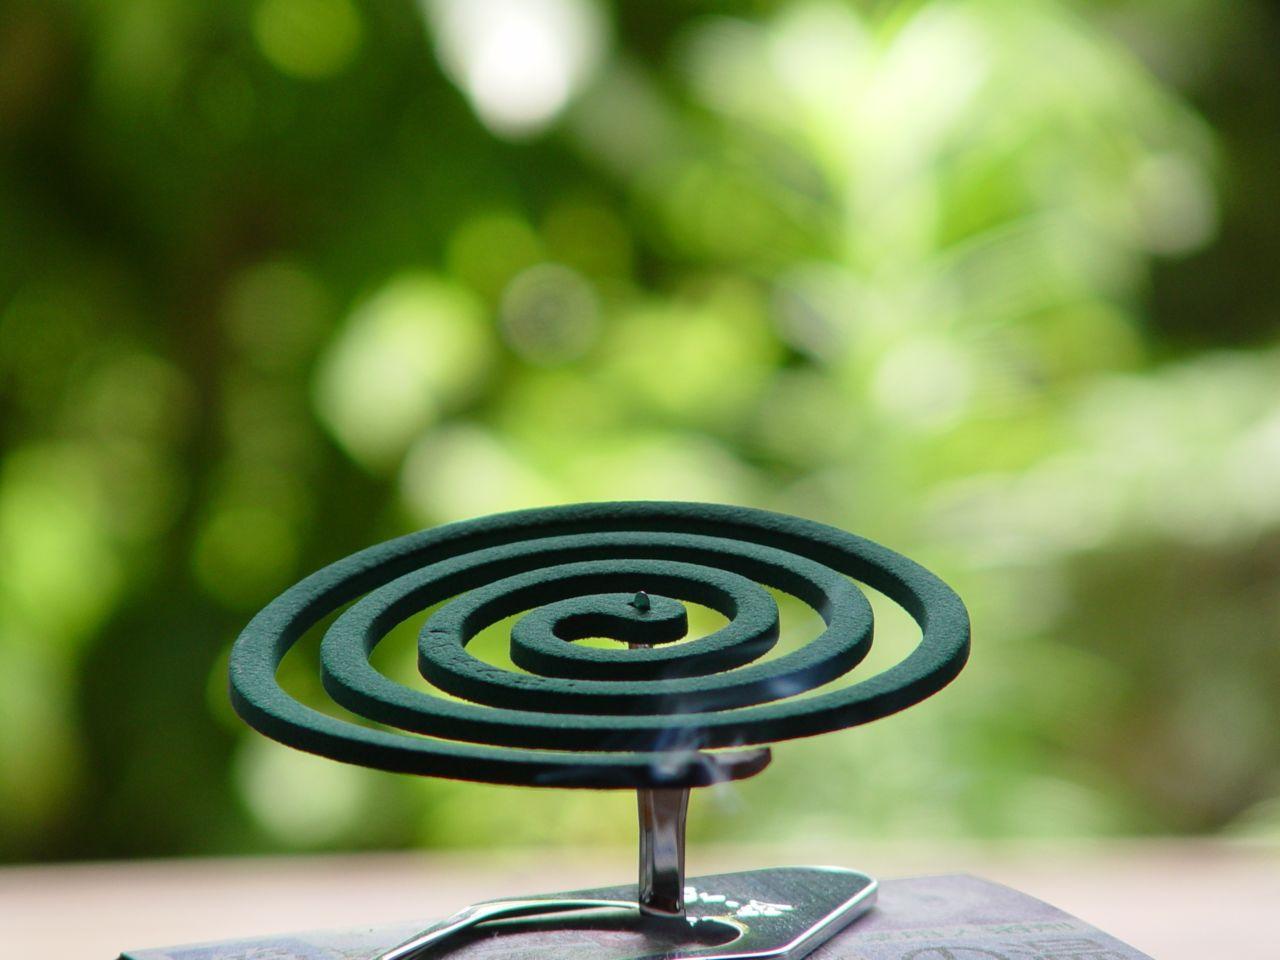 Grüne Spirale vor grünem Hintergrund